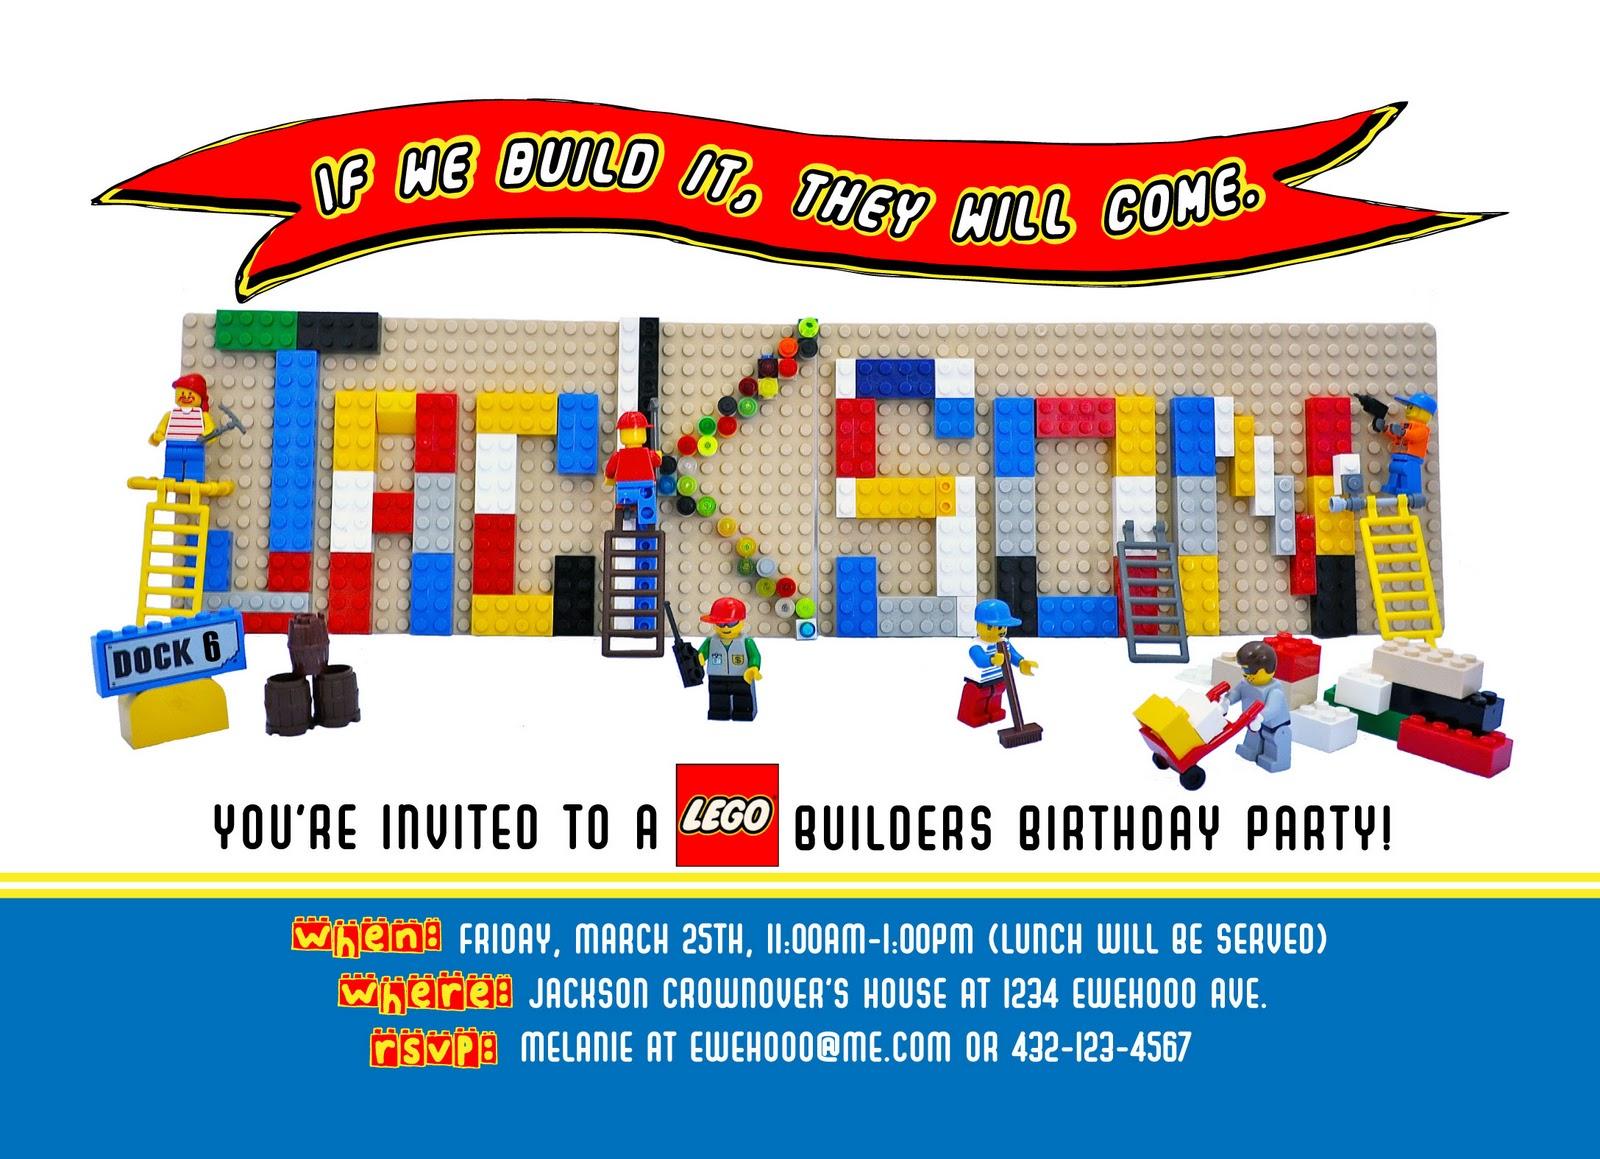 ewe hooo!: Lego Birthday Party Sneak Peek...